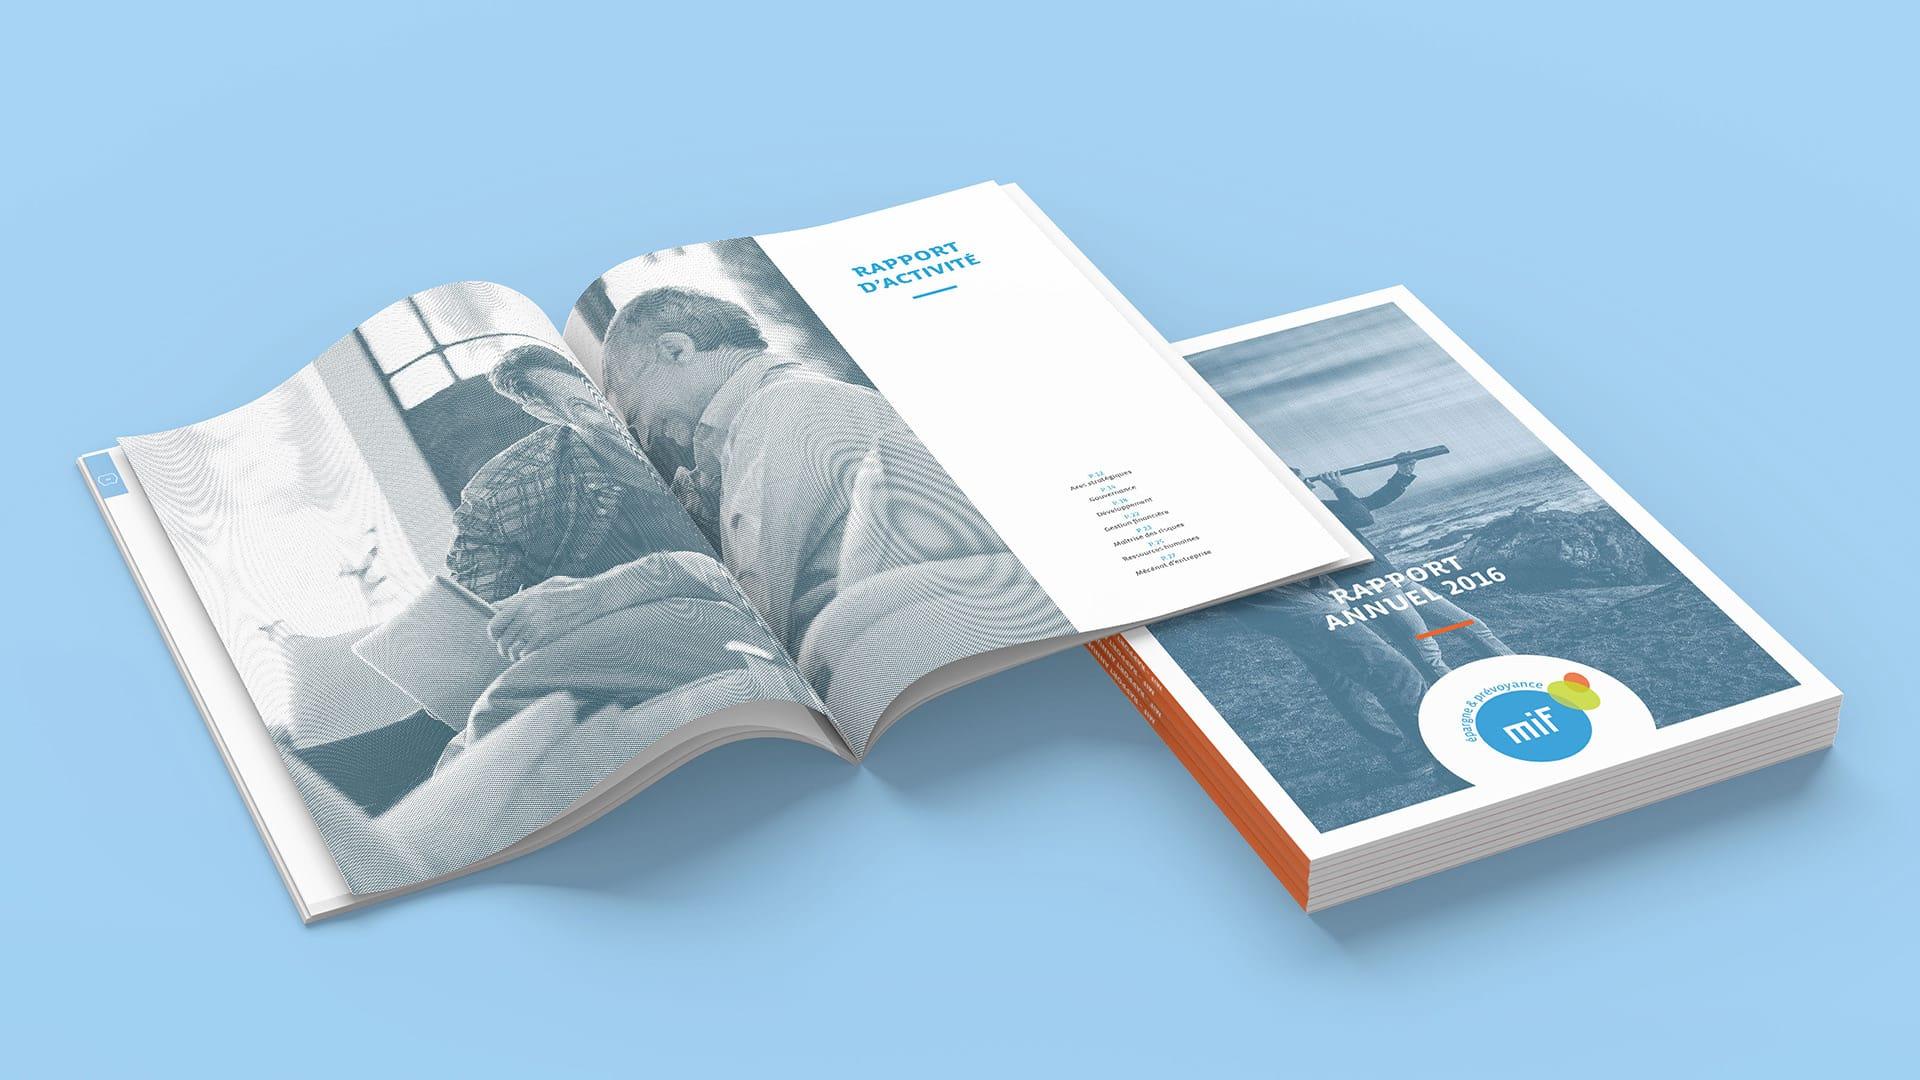 Rhetorike a conçu et réalisé le rapport annuel 2016 de la MIF.